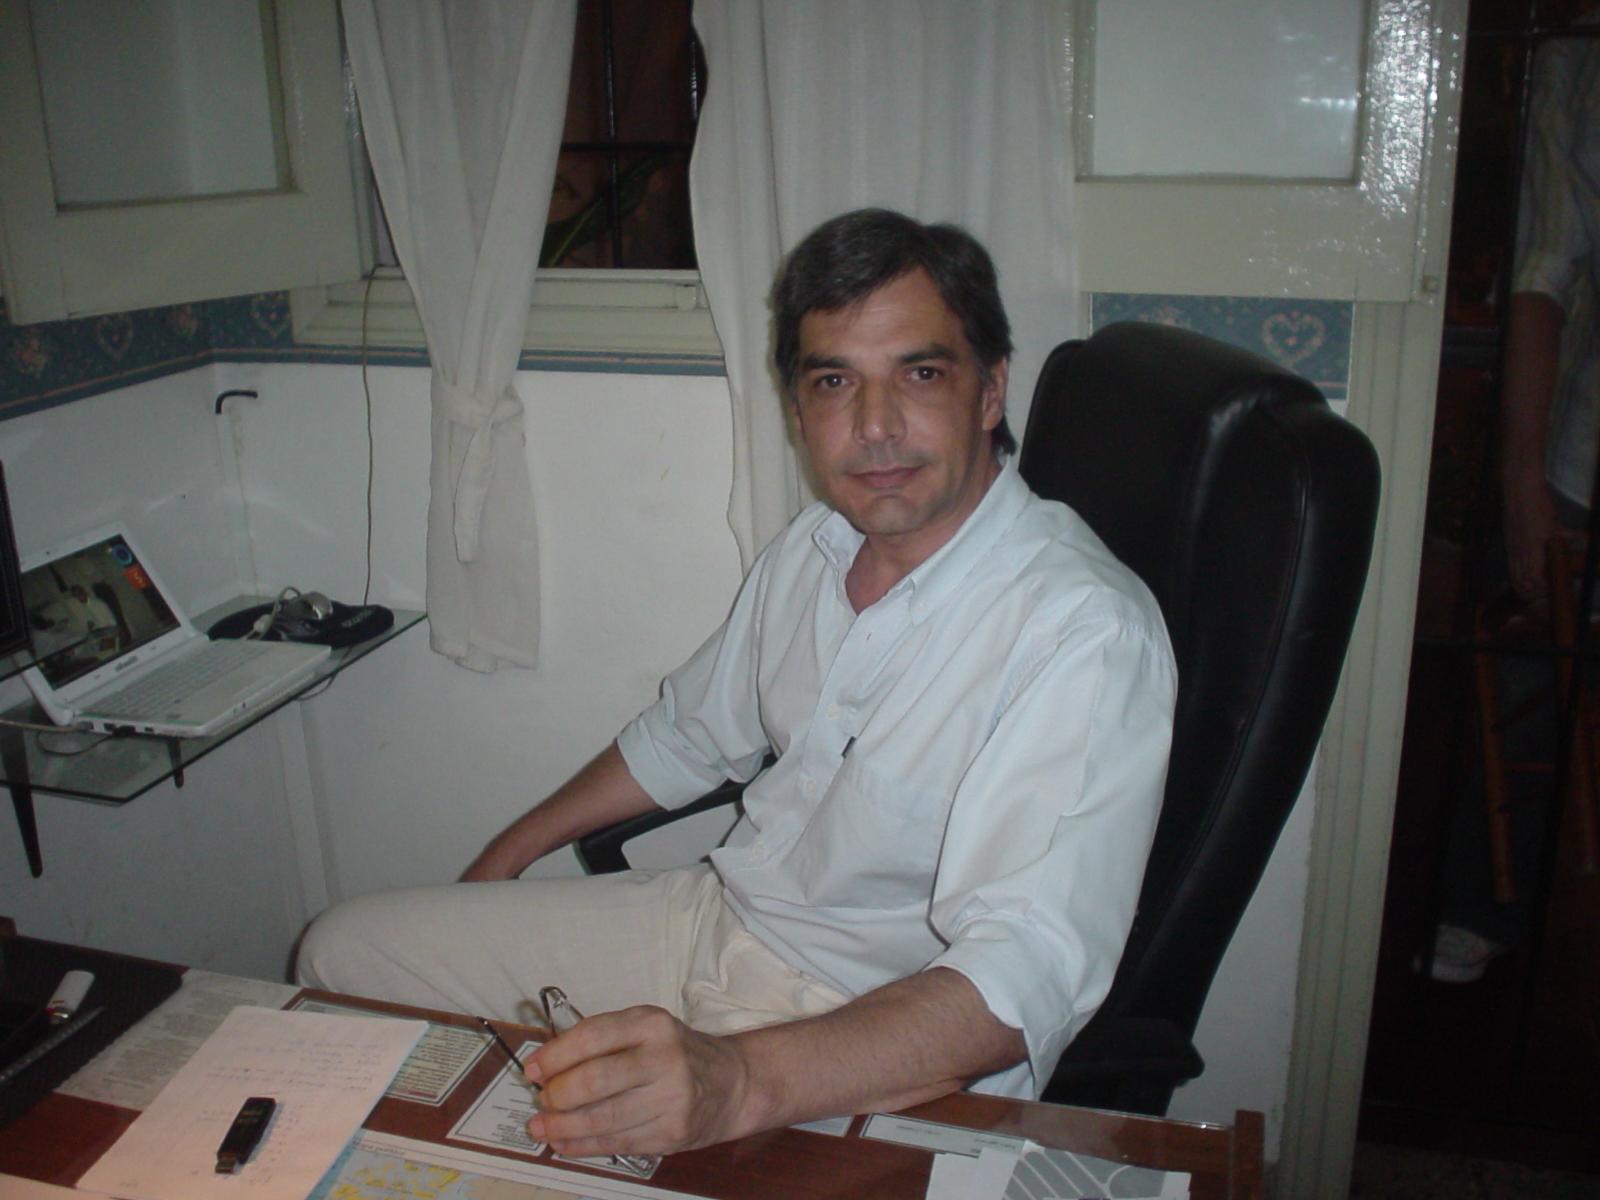 Dario Eduardo Collinet